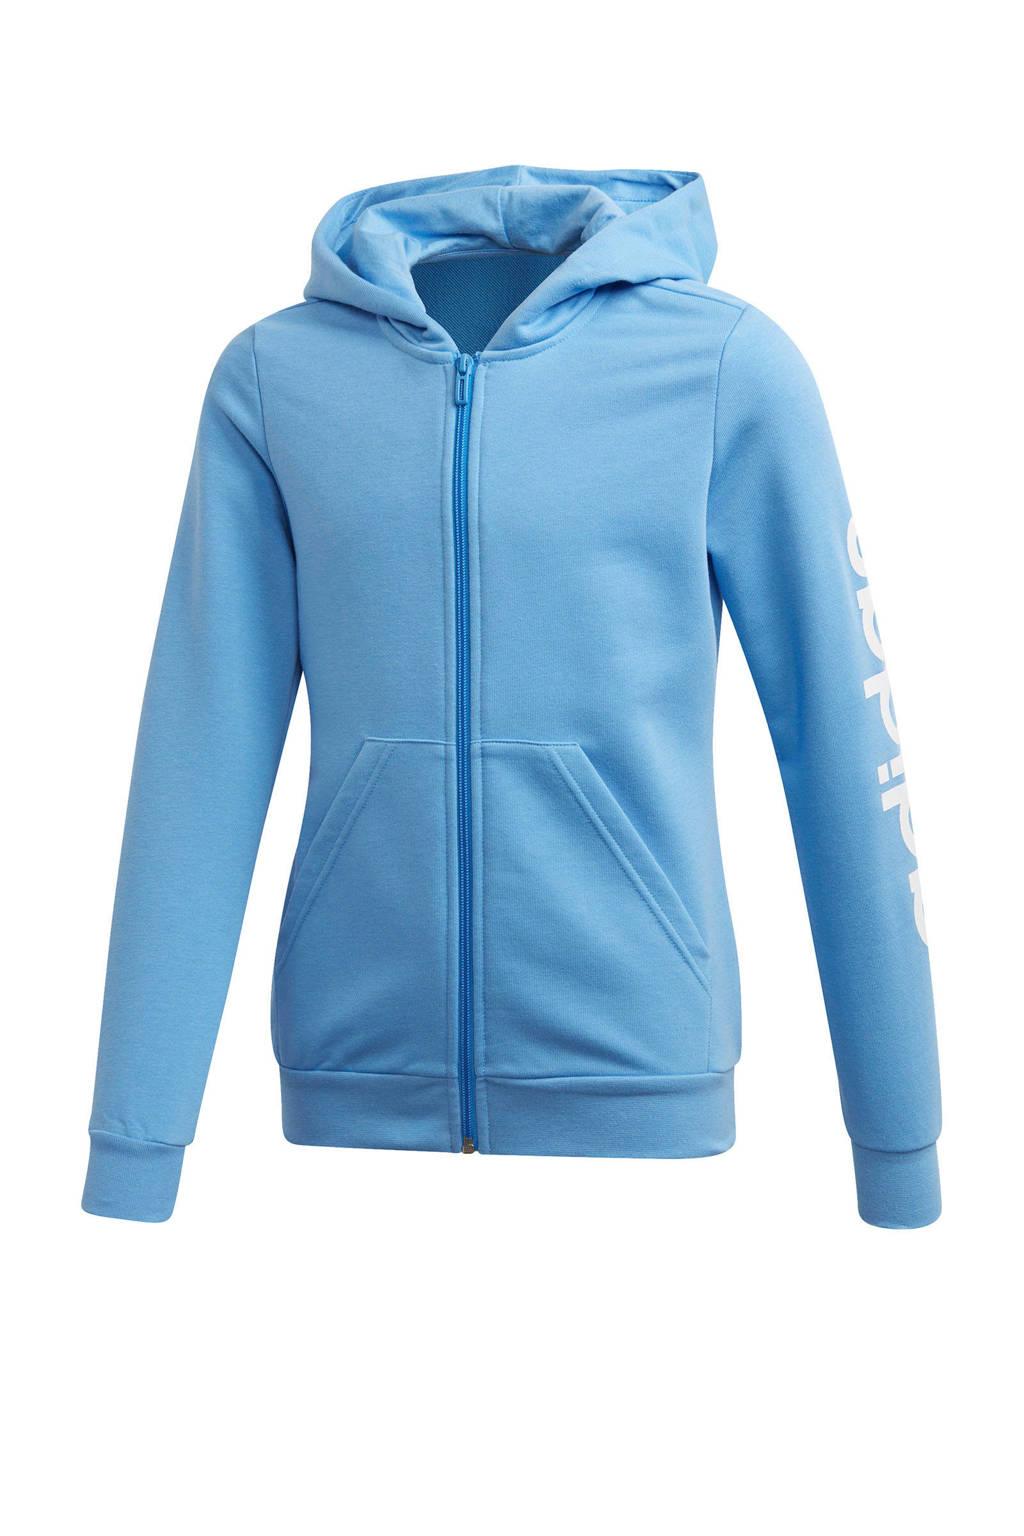 adidas sportvest lichtblauw, Lichtblauw/wit